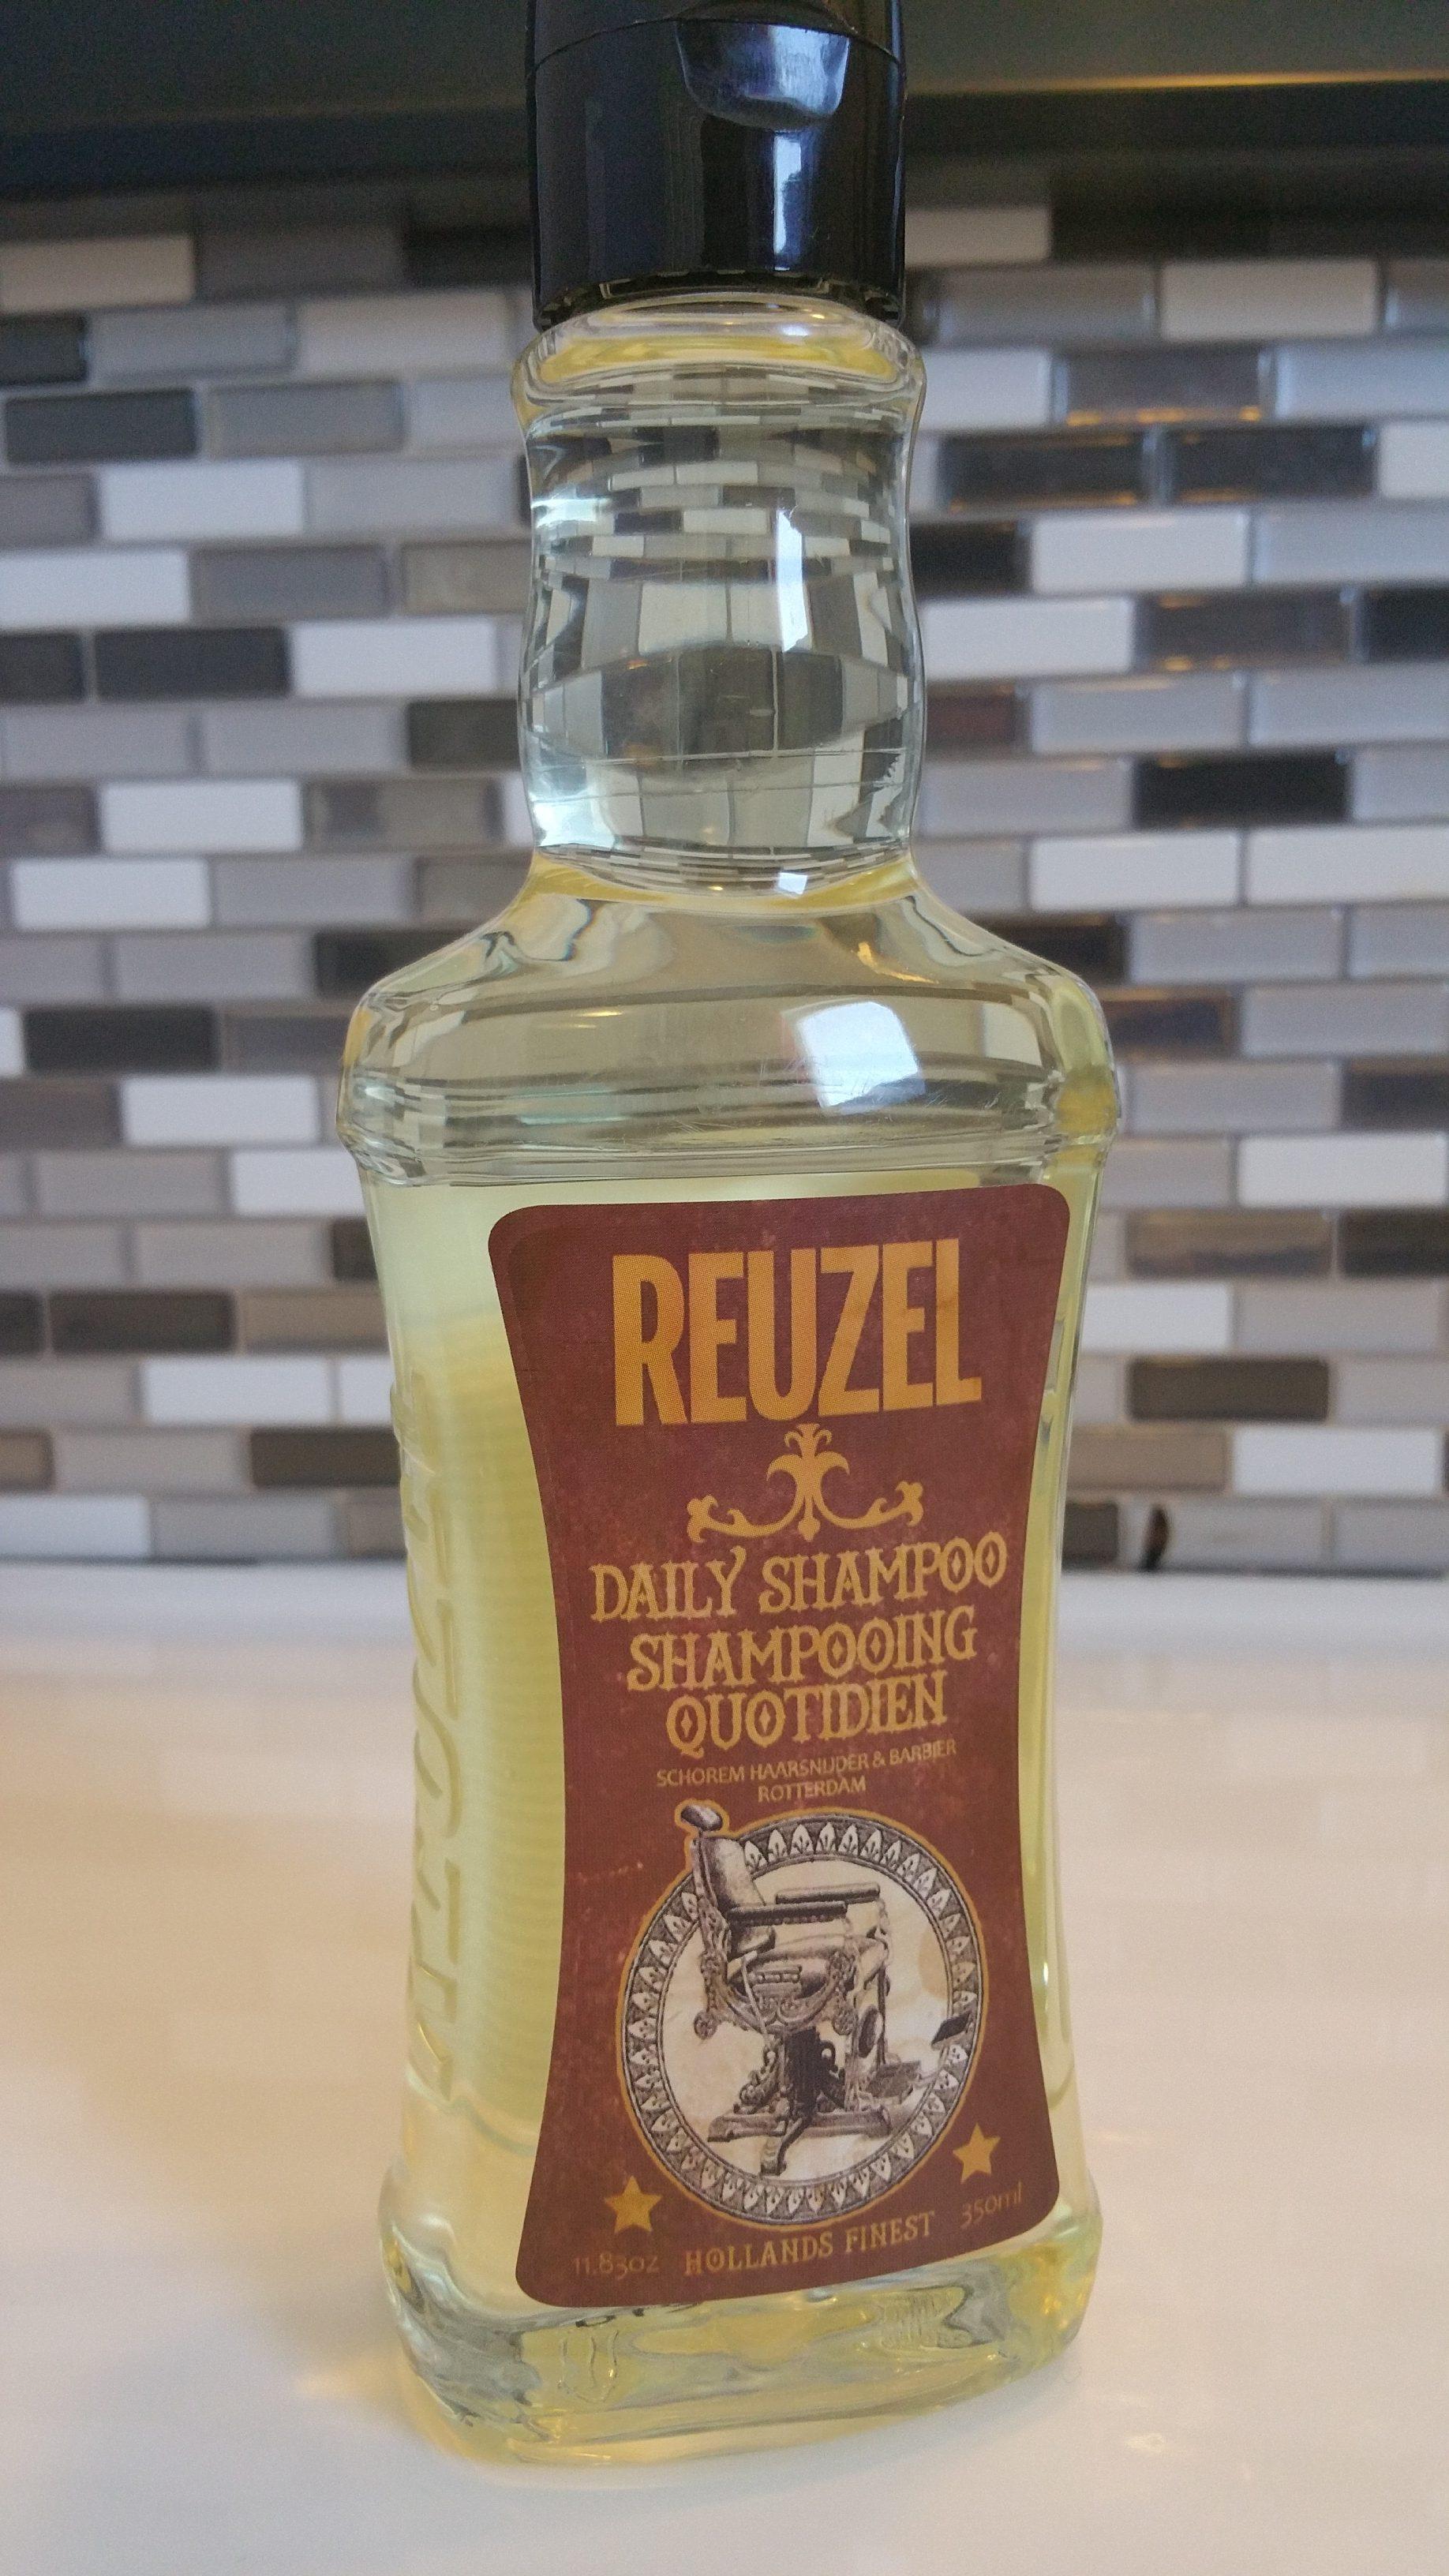 REUZEL Daily Shampoo – a deep cleaner